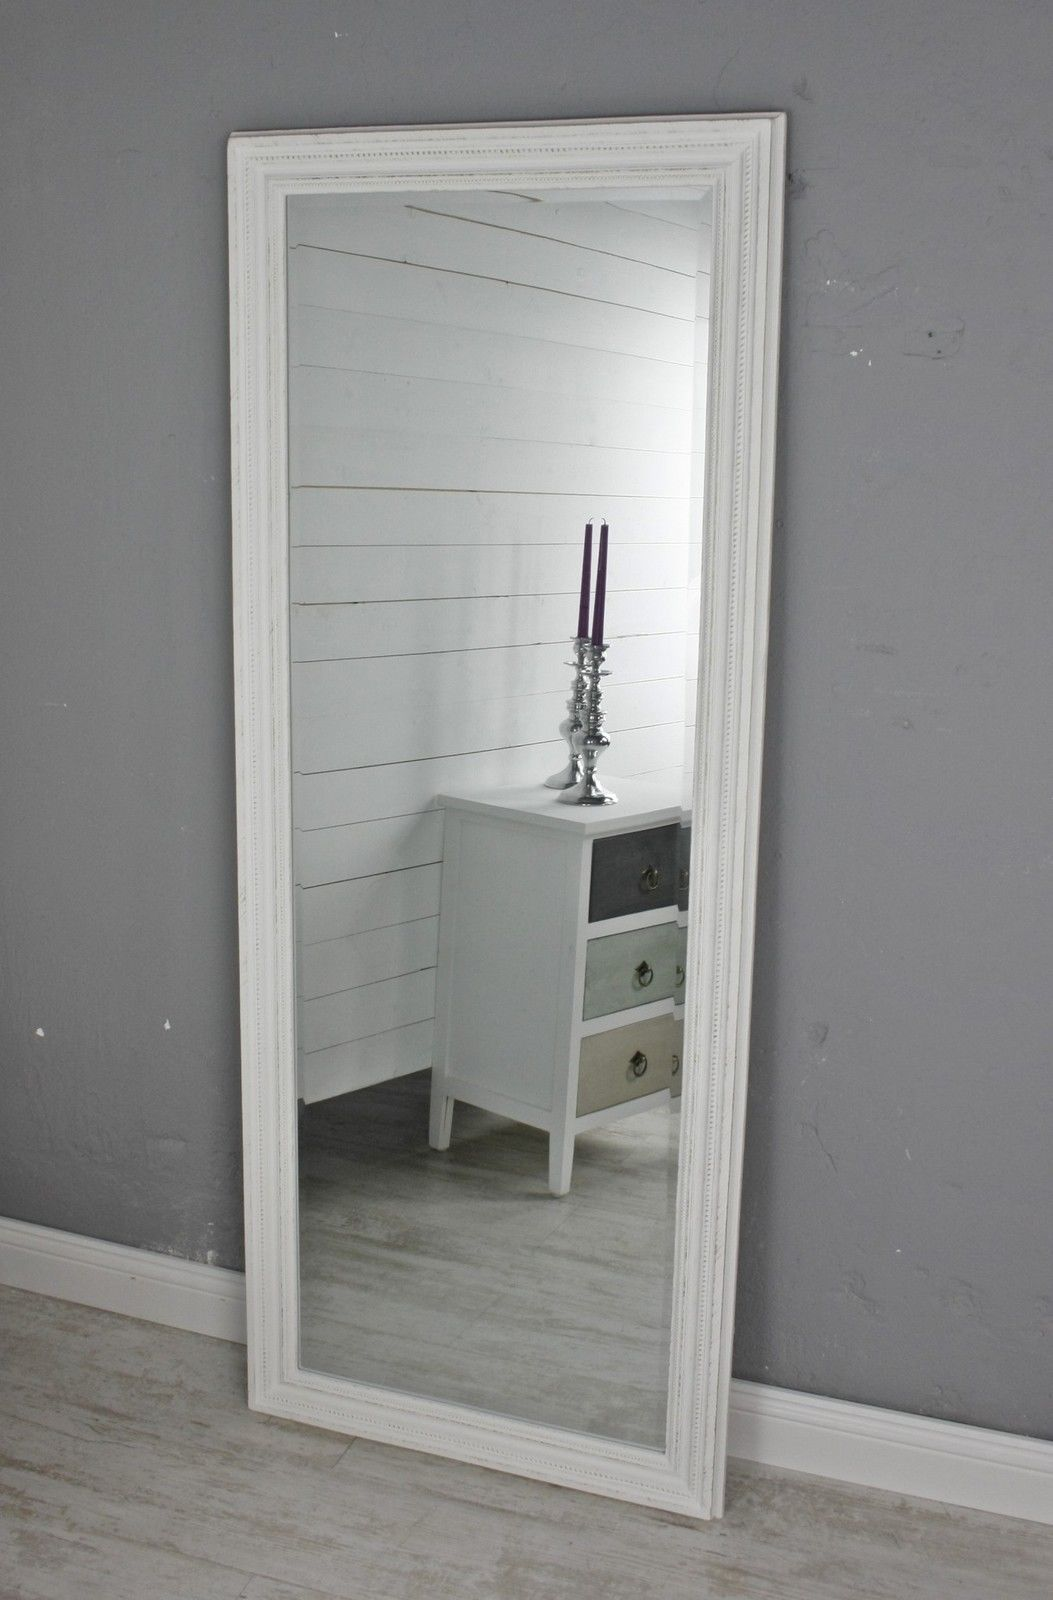 Spiegel Weiß Landhaus 150x60cm Holz Wandspiegel Barock Badspiegel  Standspiegel In Möbel U0026 Wohnen, Dekoration, Spiegel | EBay